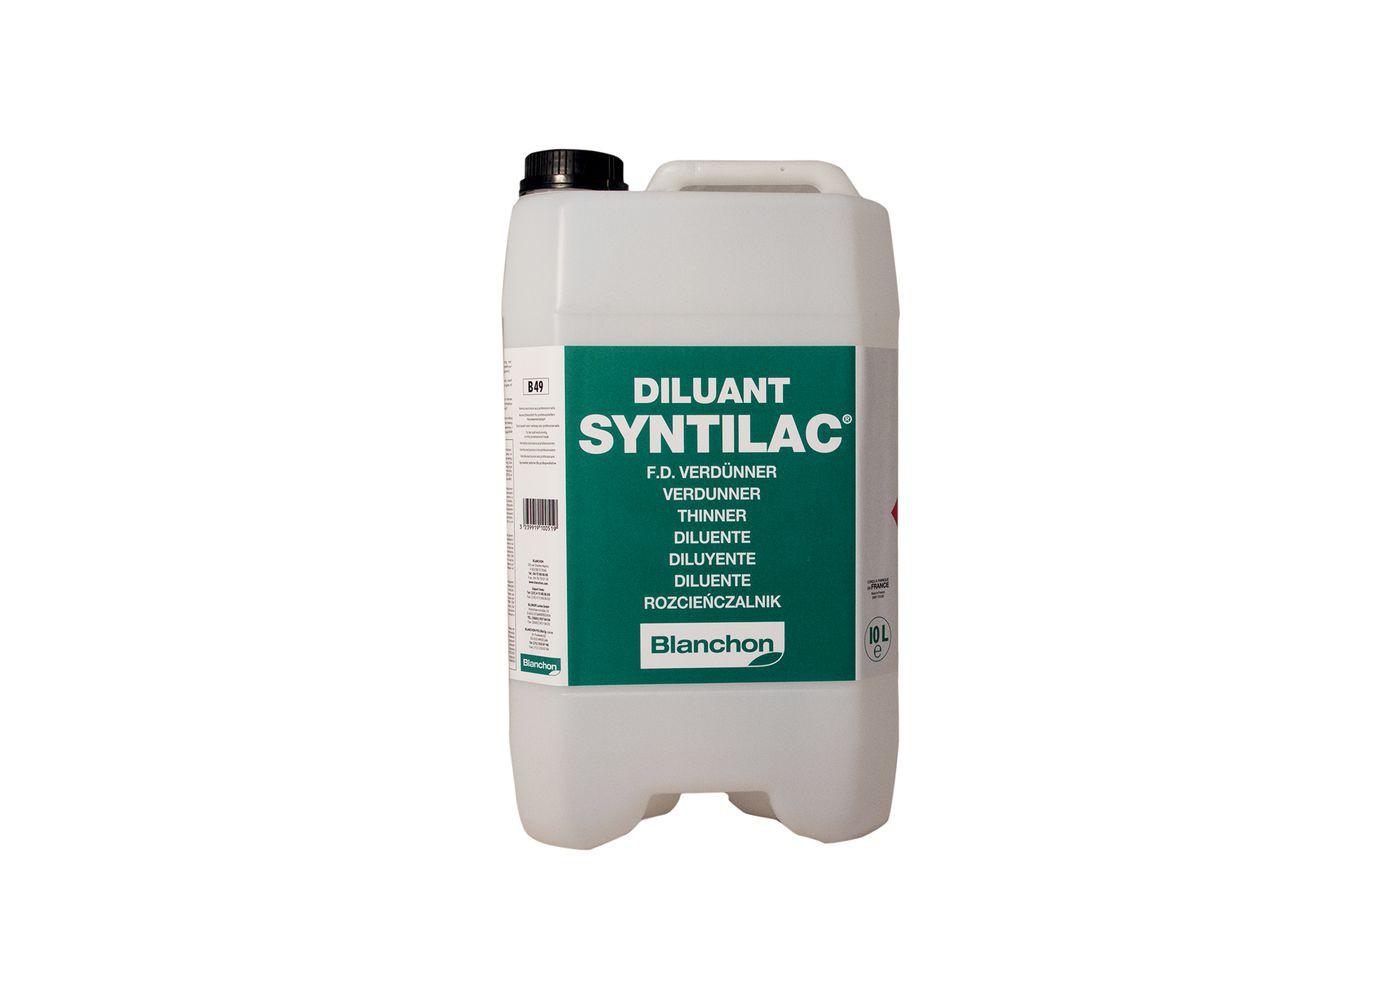 Syntilac - Entretien des outils diluant polyuréthane 1L